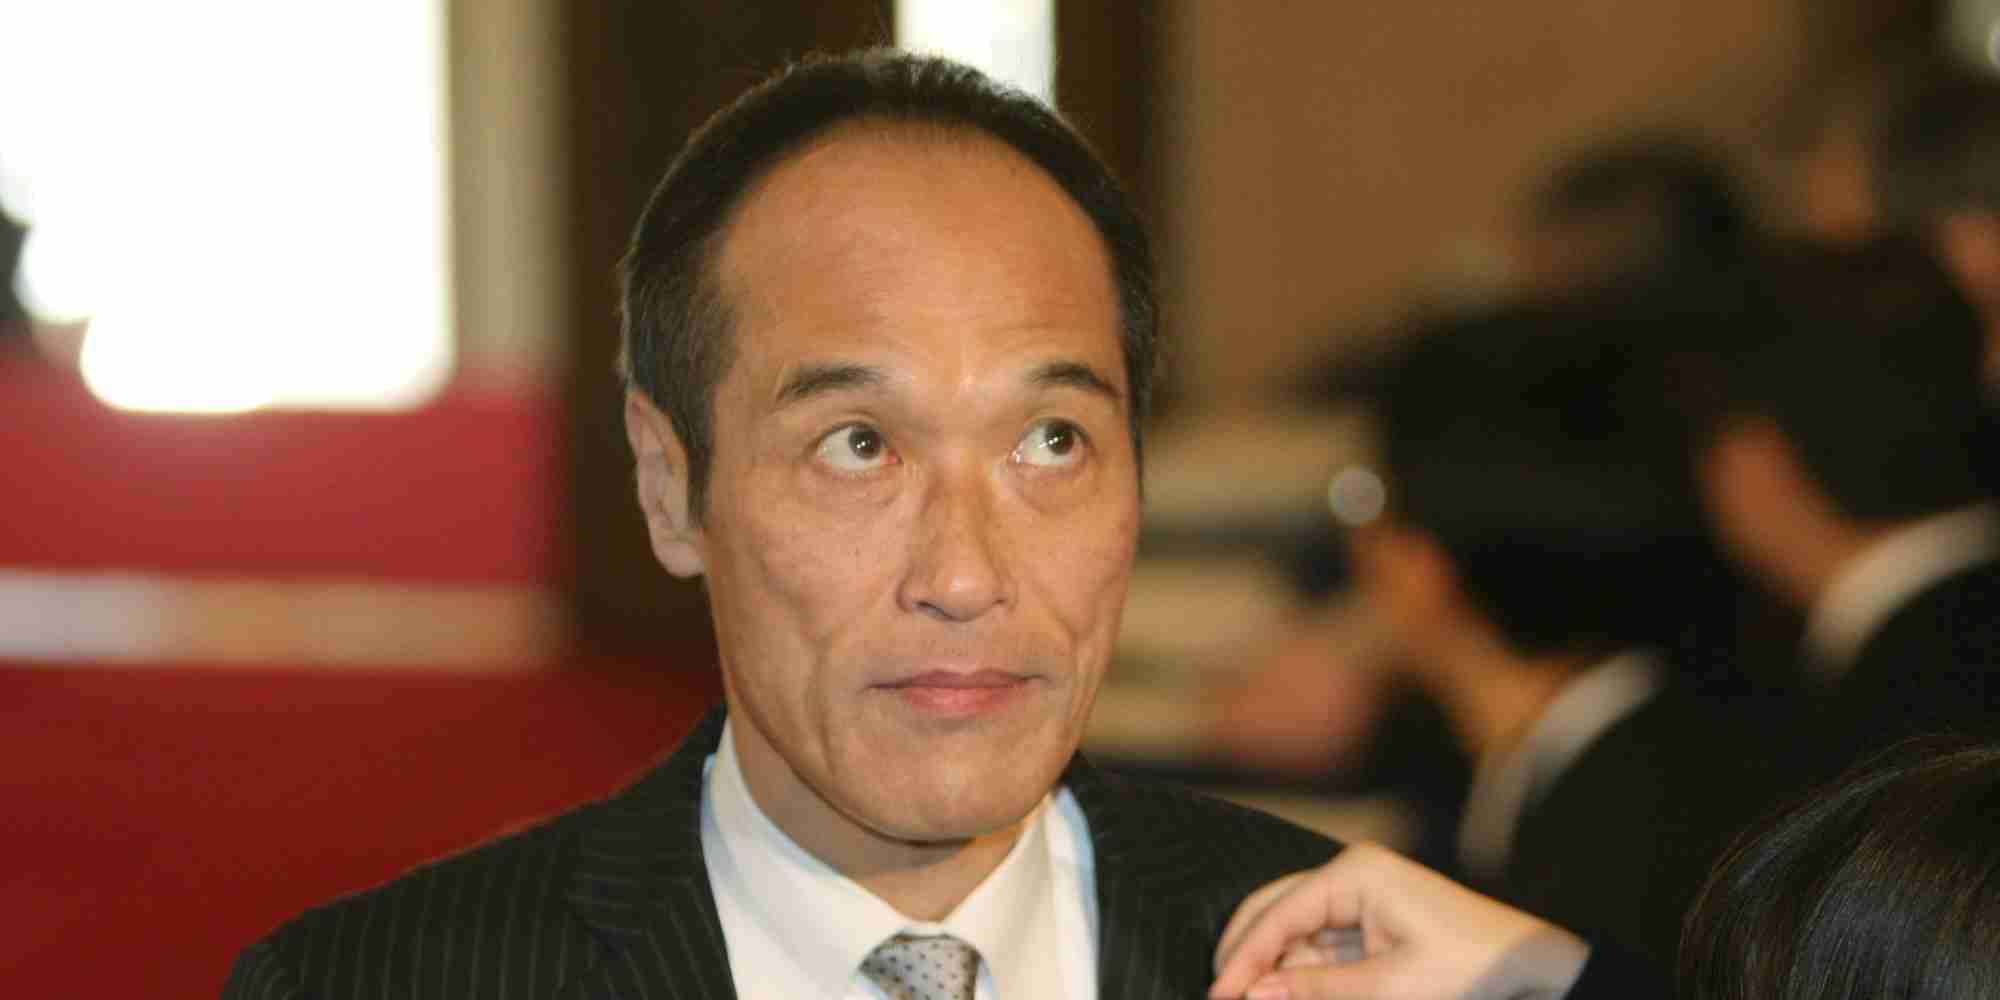 東国原英夫氏、衆議院議員を辞職して今度は東京都知事選に出馬か?